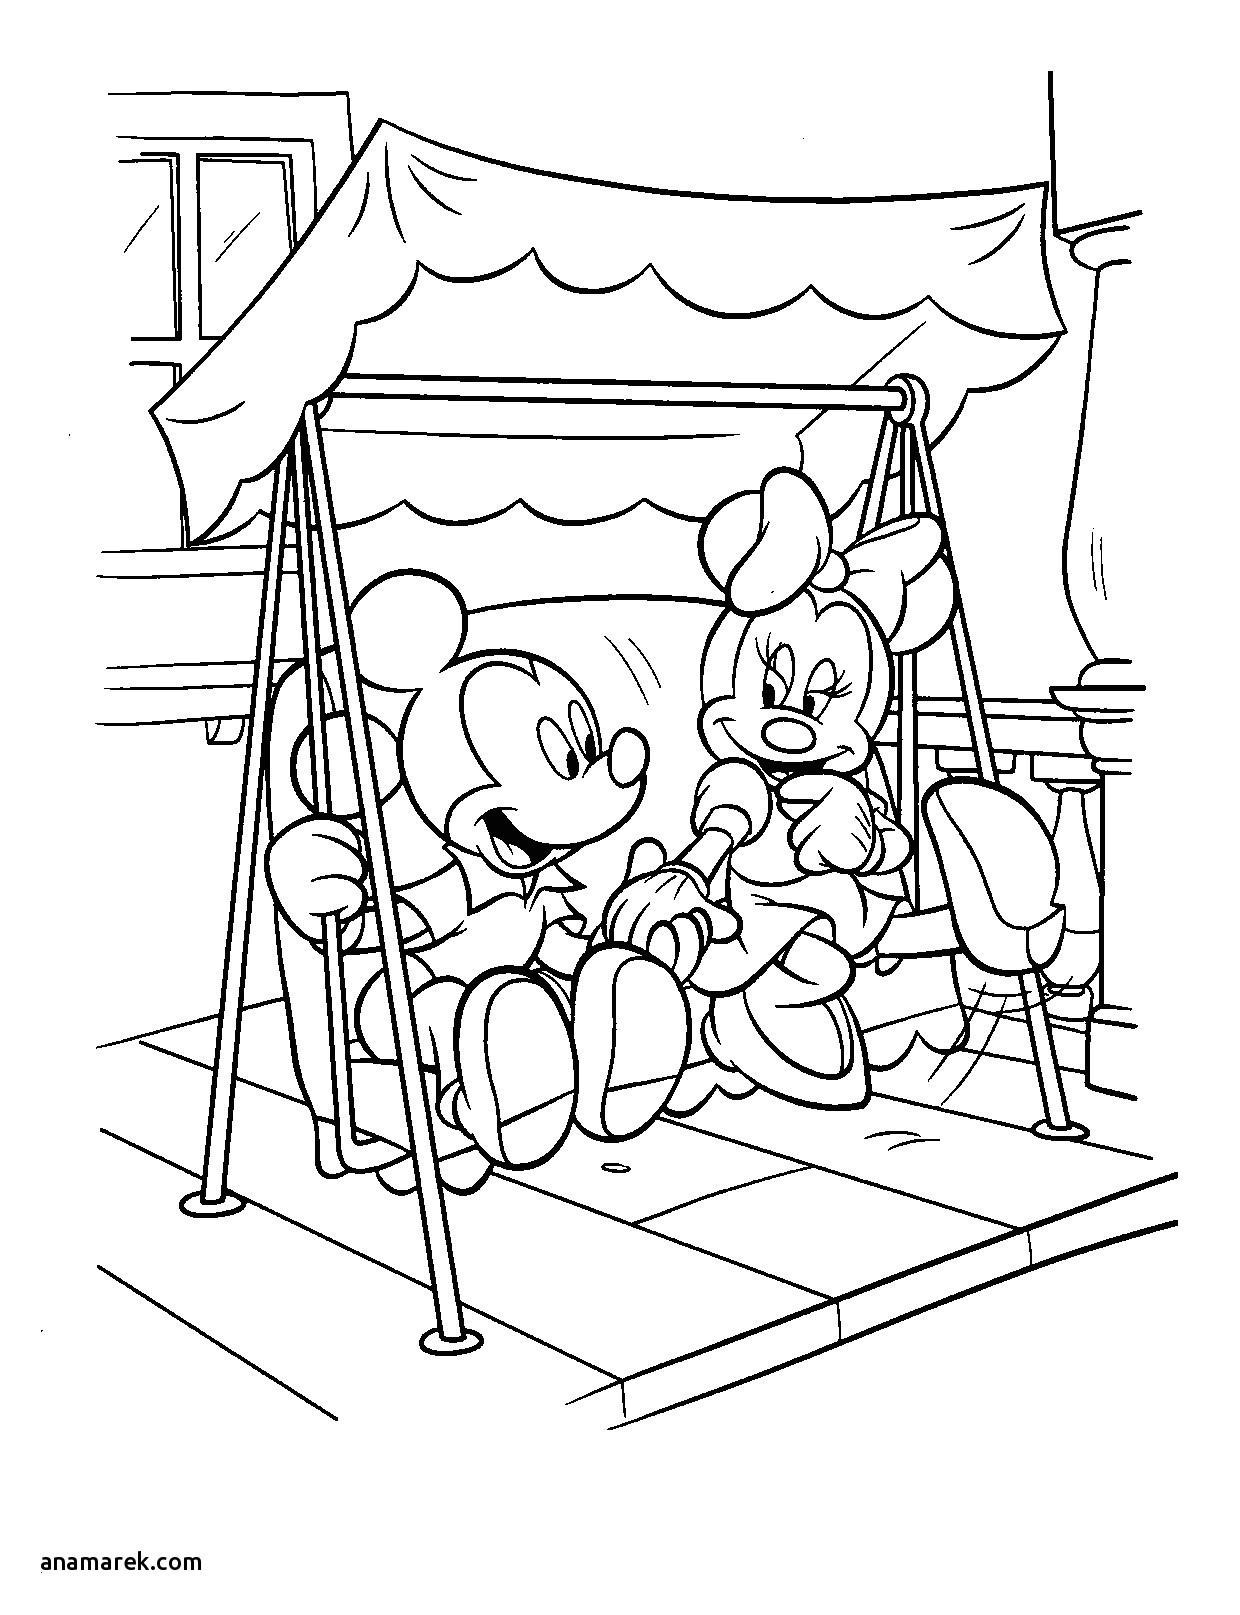 Minni Maus Zum Ausmalen Das Beste Von Minnie Mouse Malvorlagen Schön Inspirational Minnie Mouse Drawing Sammlung